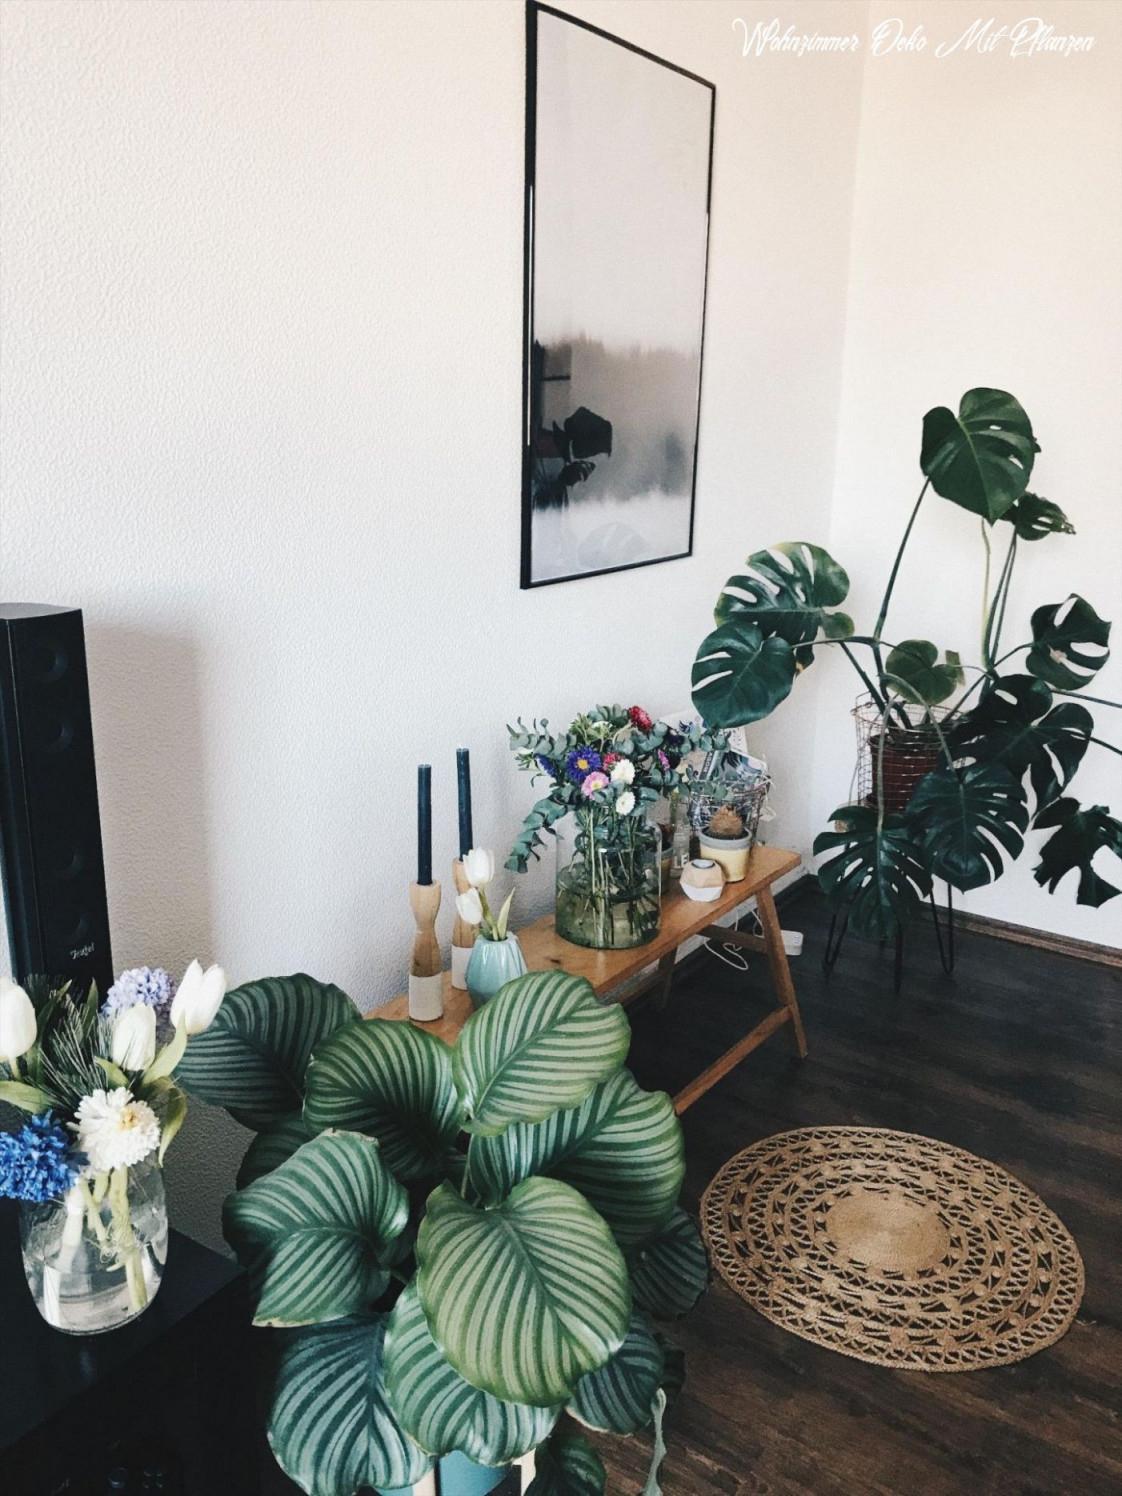 Die Ultimative Offenbarung Von Wohnzimmer Deko Mit Pflanzen von Pflanzen Deko Wohnzimmer Bild